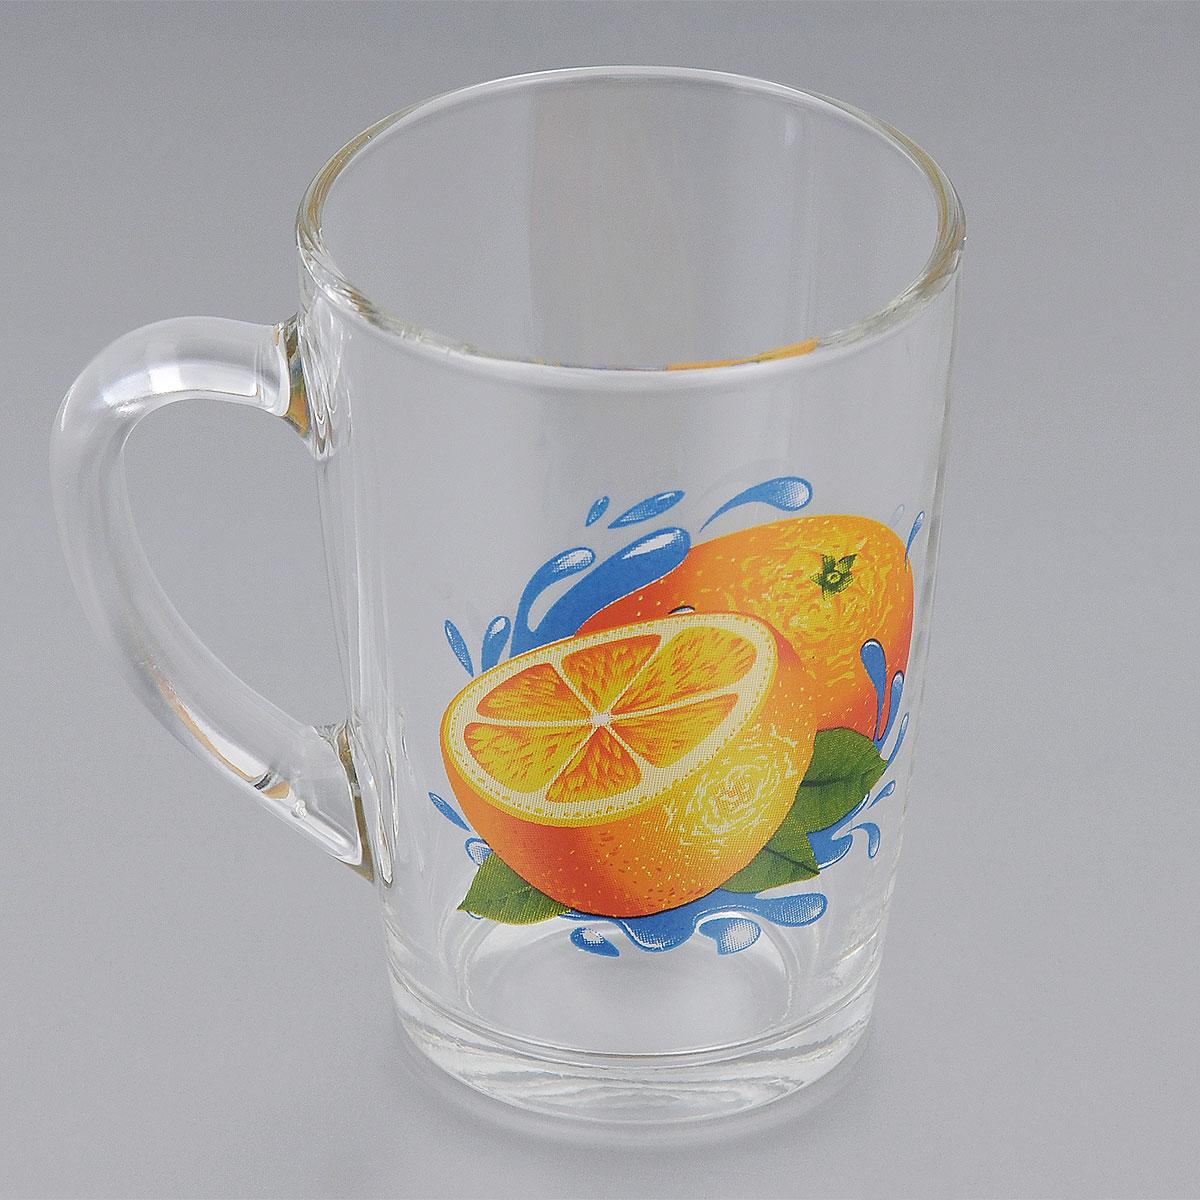 Кружка ОСЗ Апельсин, 300 мл115510Кружка ОСЗ Апельсин выполнена из высококачественного стекла. Внешние стенки оформлены изображением апельсинов. Такая кружка станет неизменным атрибутом чаепития и порадует вас классическим лаконичным дизайном и практичностью.